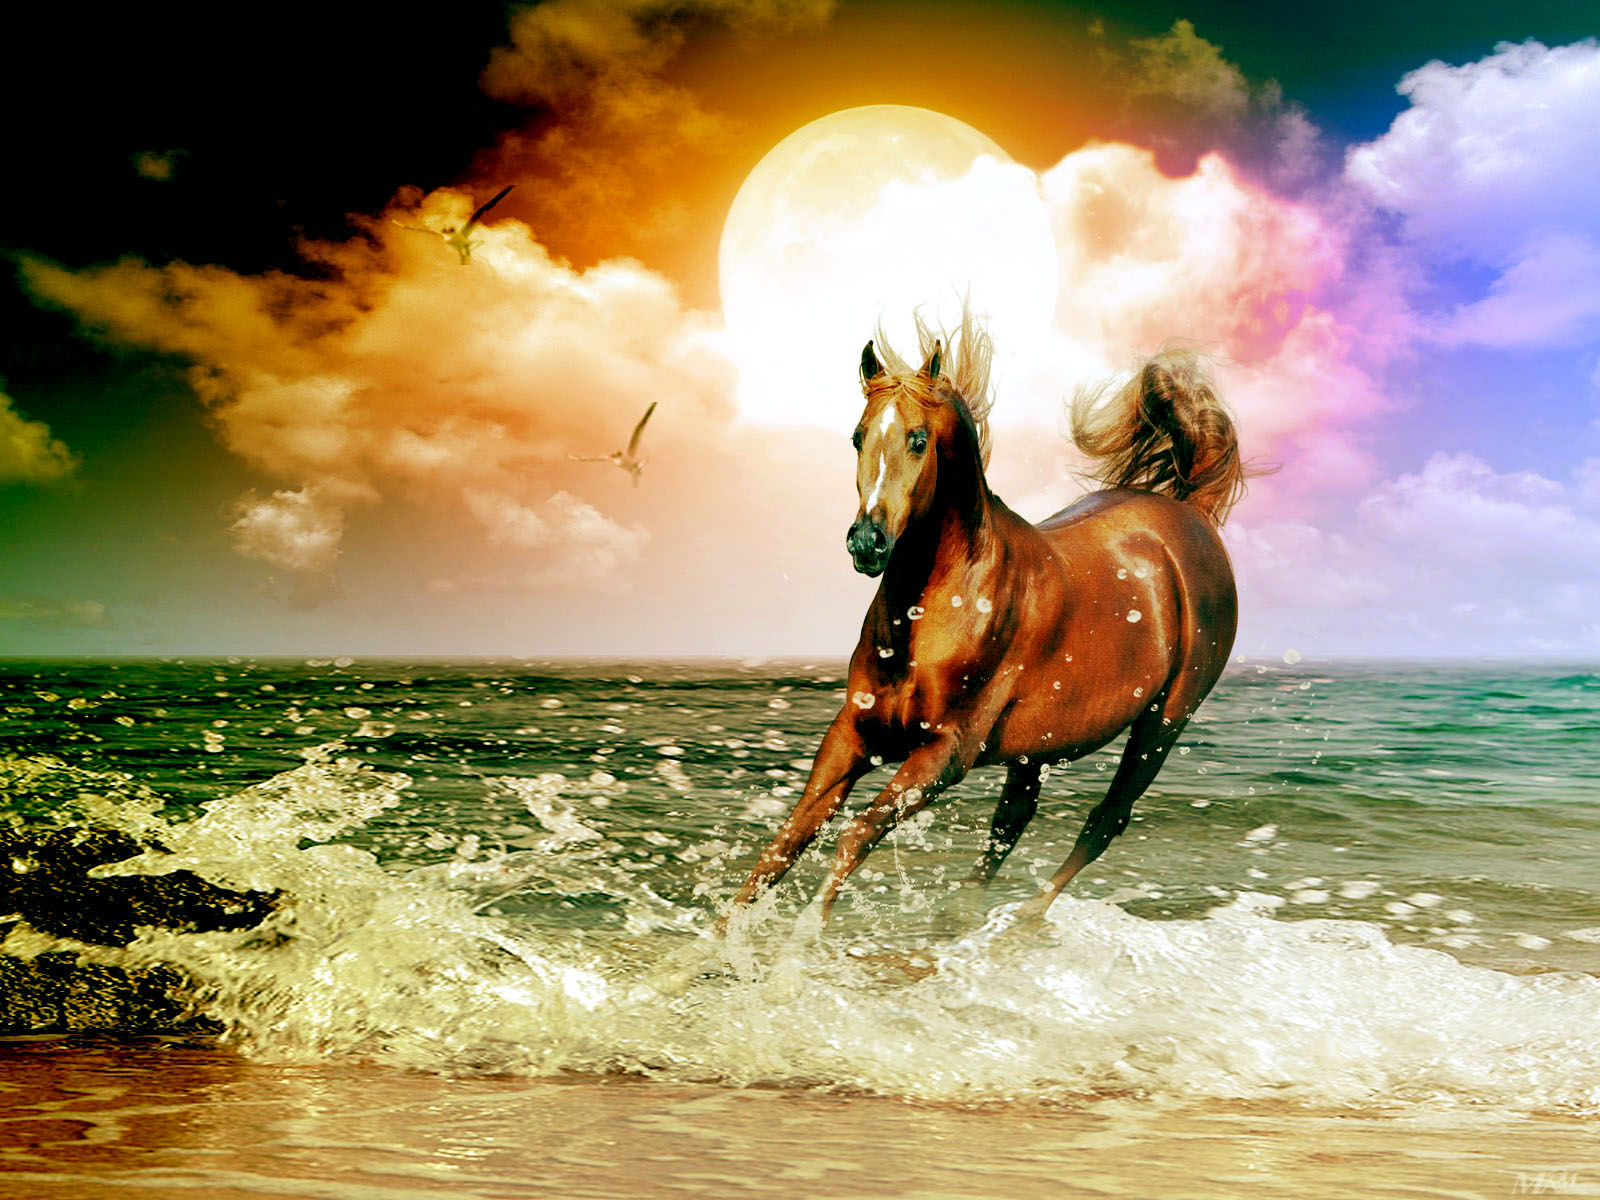 Fantastic   Wallpaper Horse Water - horse-+(9)  Pic_452392.jpg